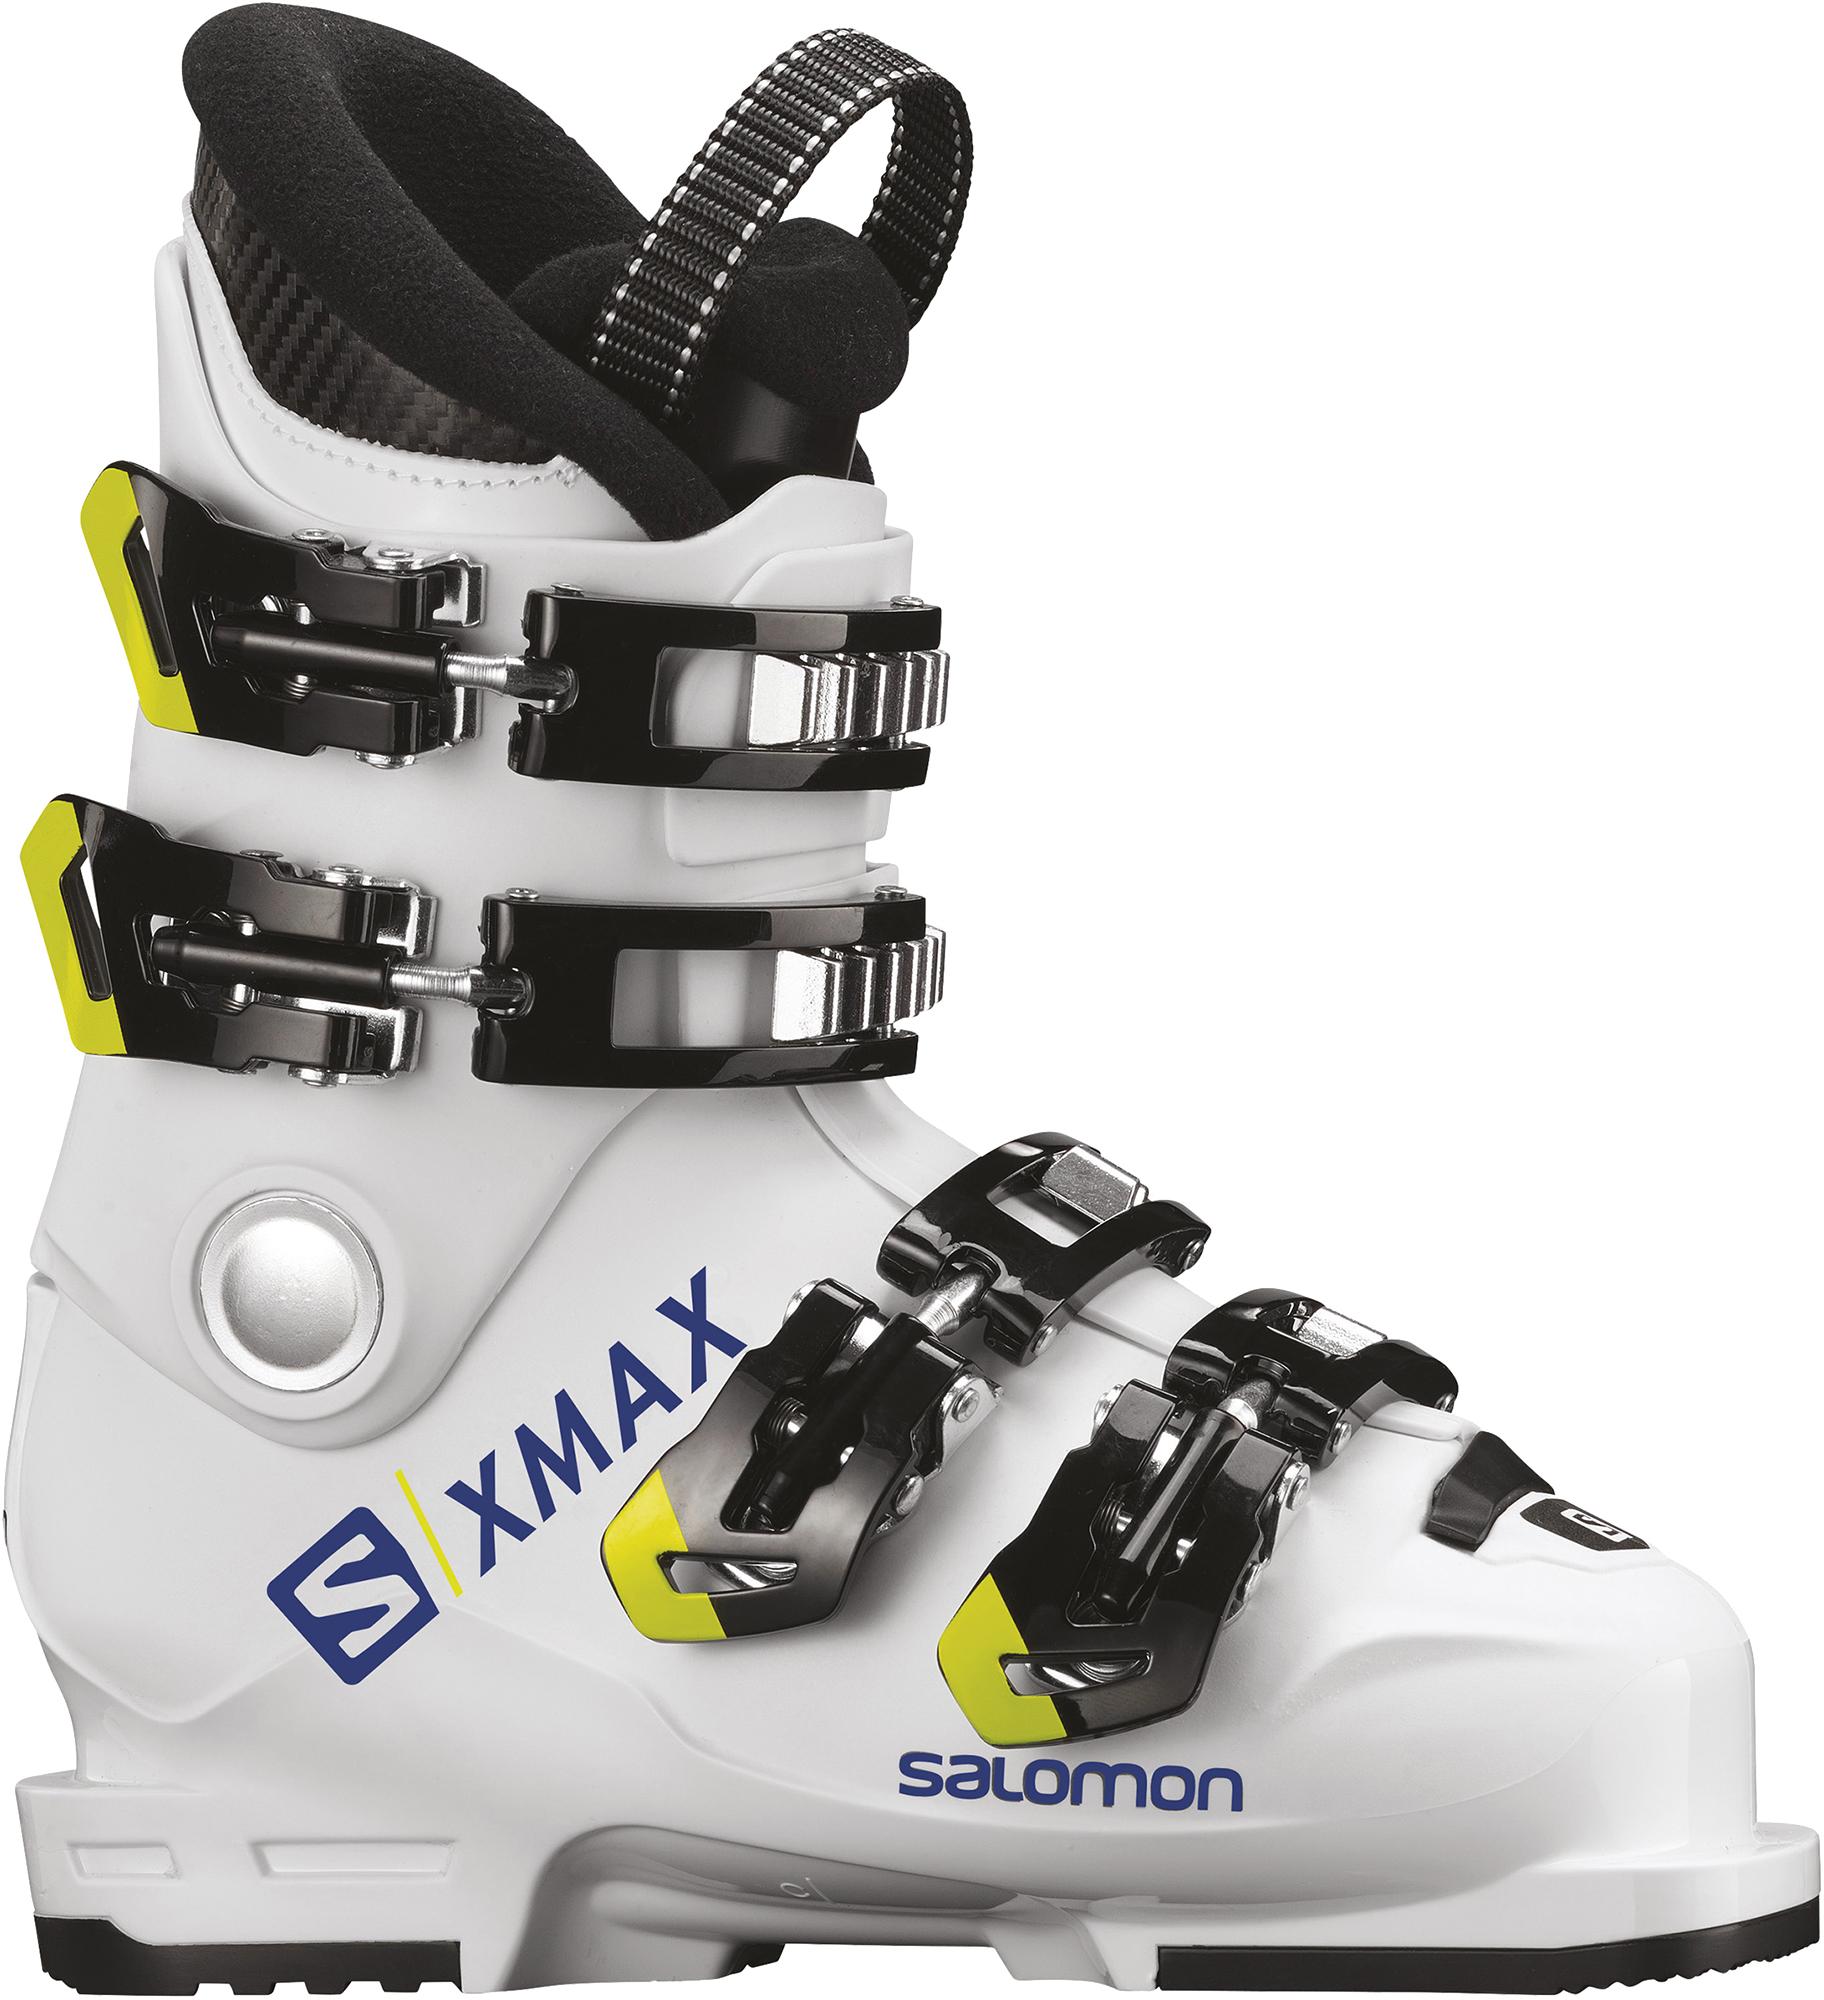 цена Salomon Ботинки горнолыжные детские Salomon X Max 60T, размер 36,5 онлайн в 2017 году